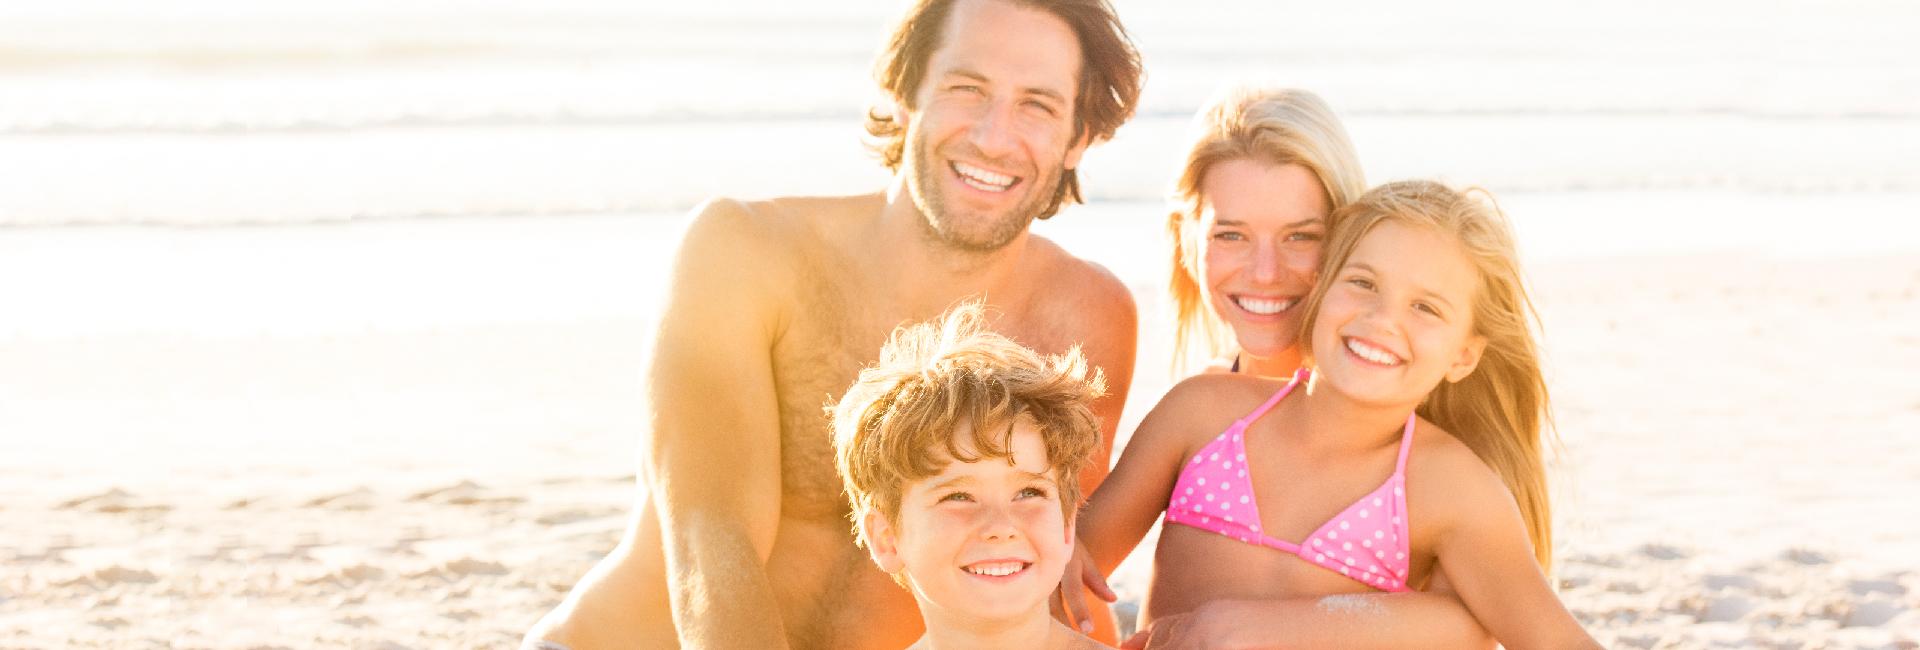 Family program at villa del palmar puerto vallarta1920x650